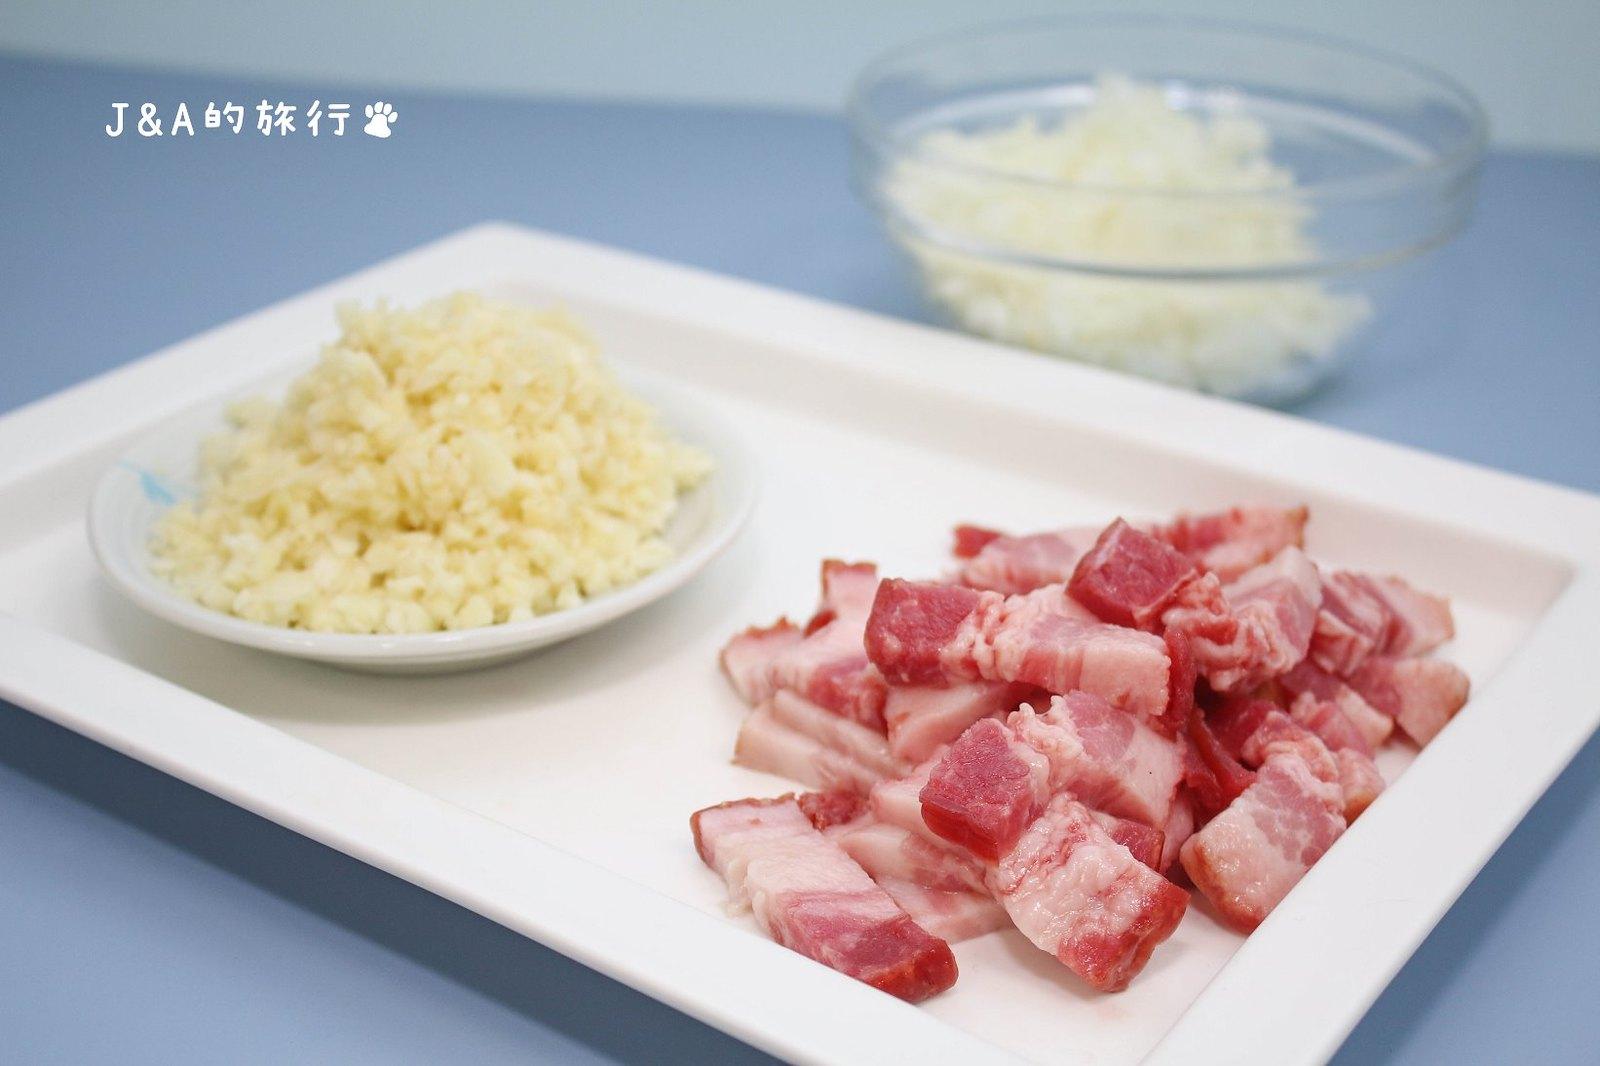 【食譜】香蒜培根義大利麵 零失敗清炒義大利麵,廚房新手也能輕鬆完成 @J&A的旅行